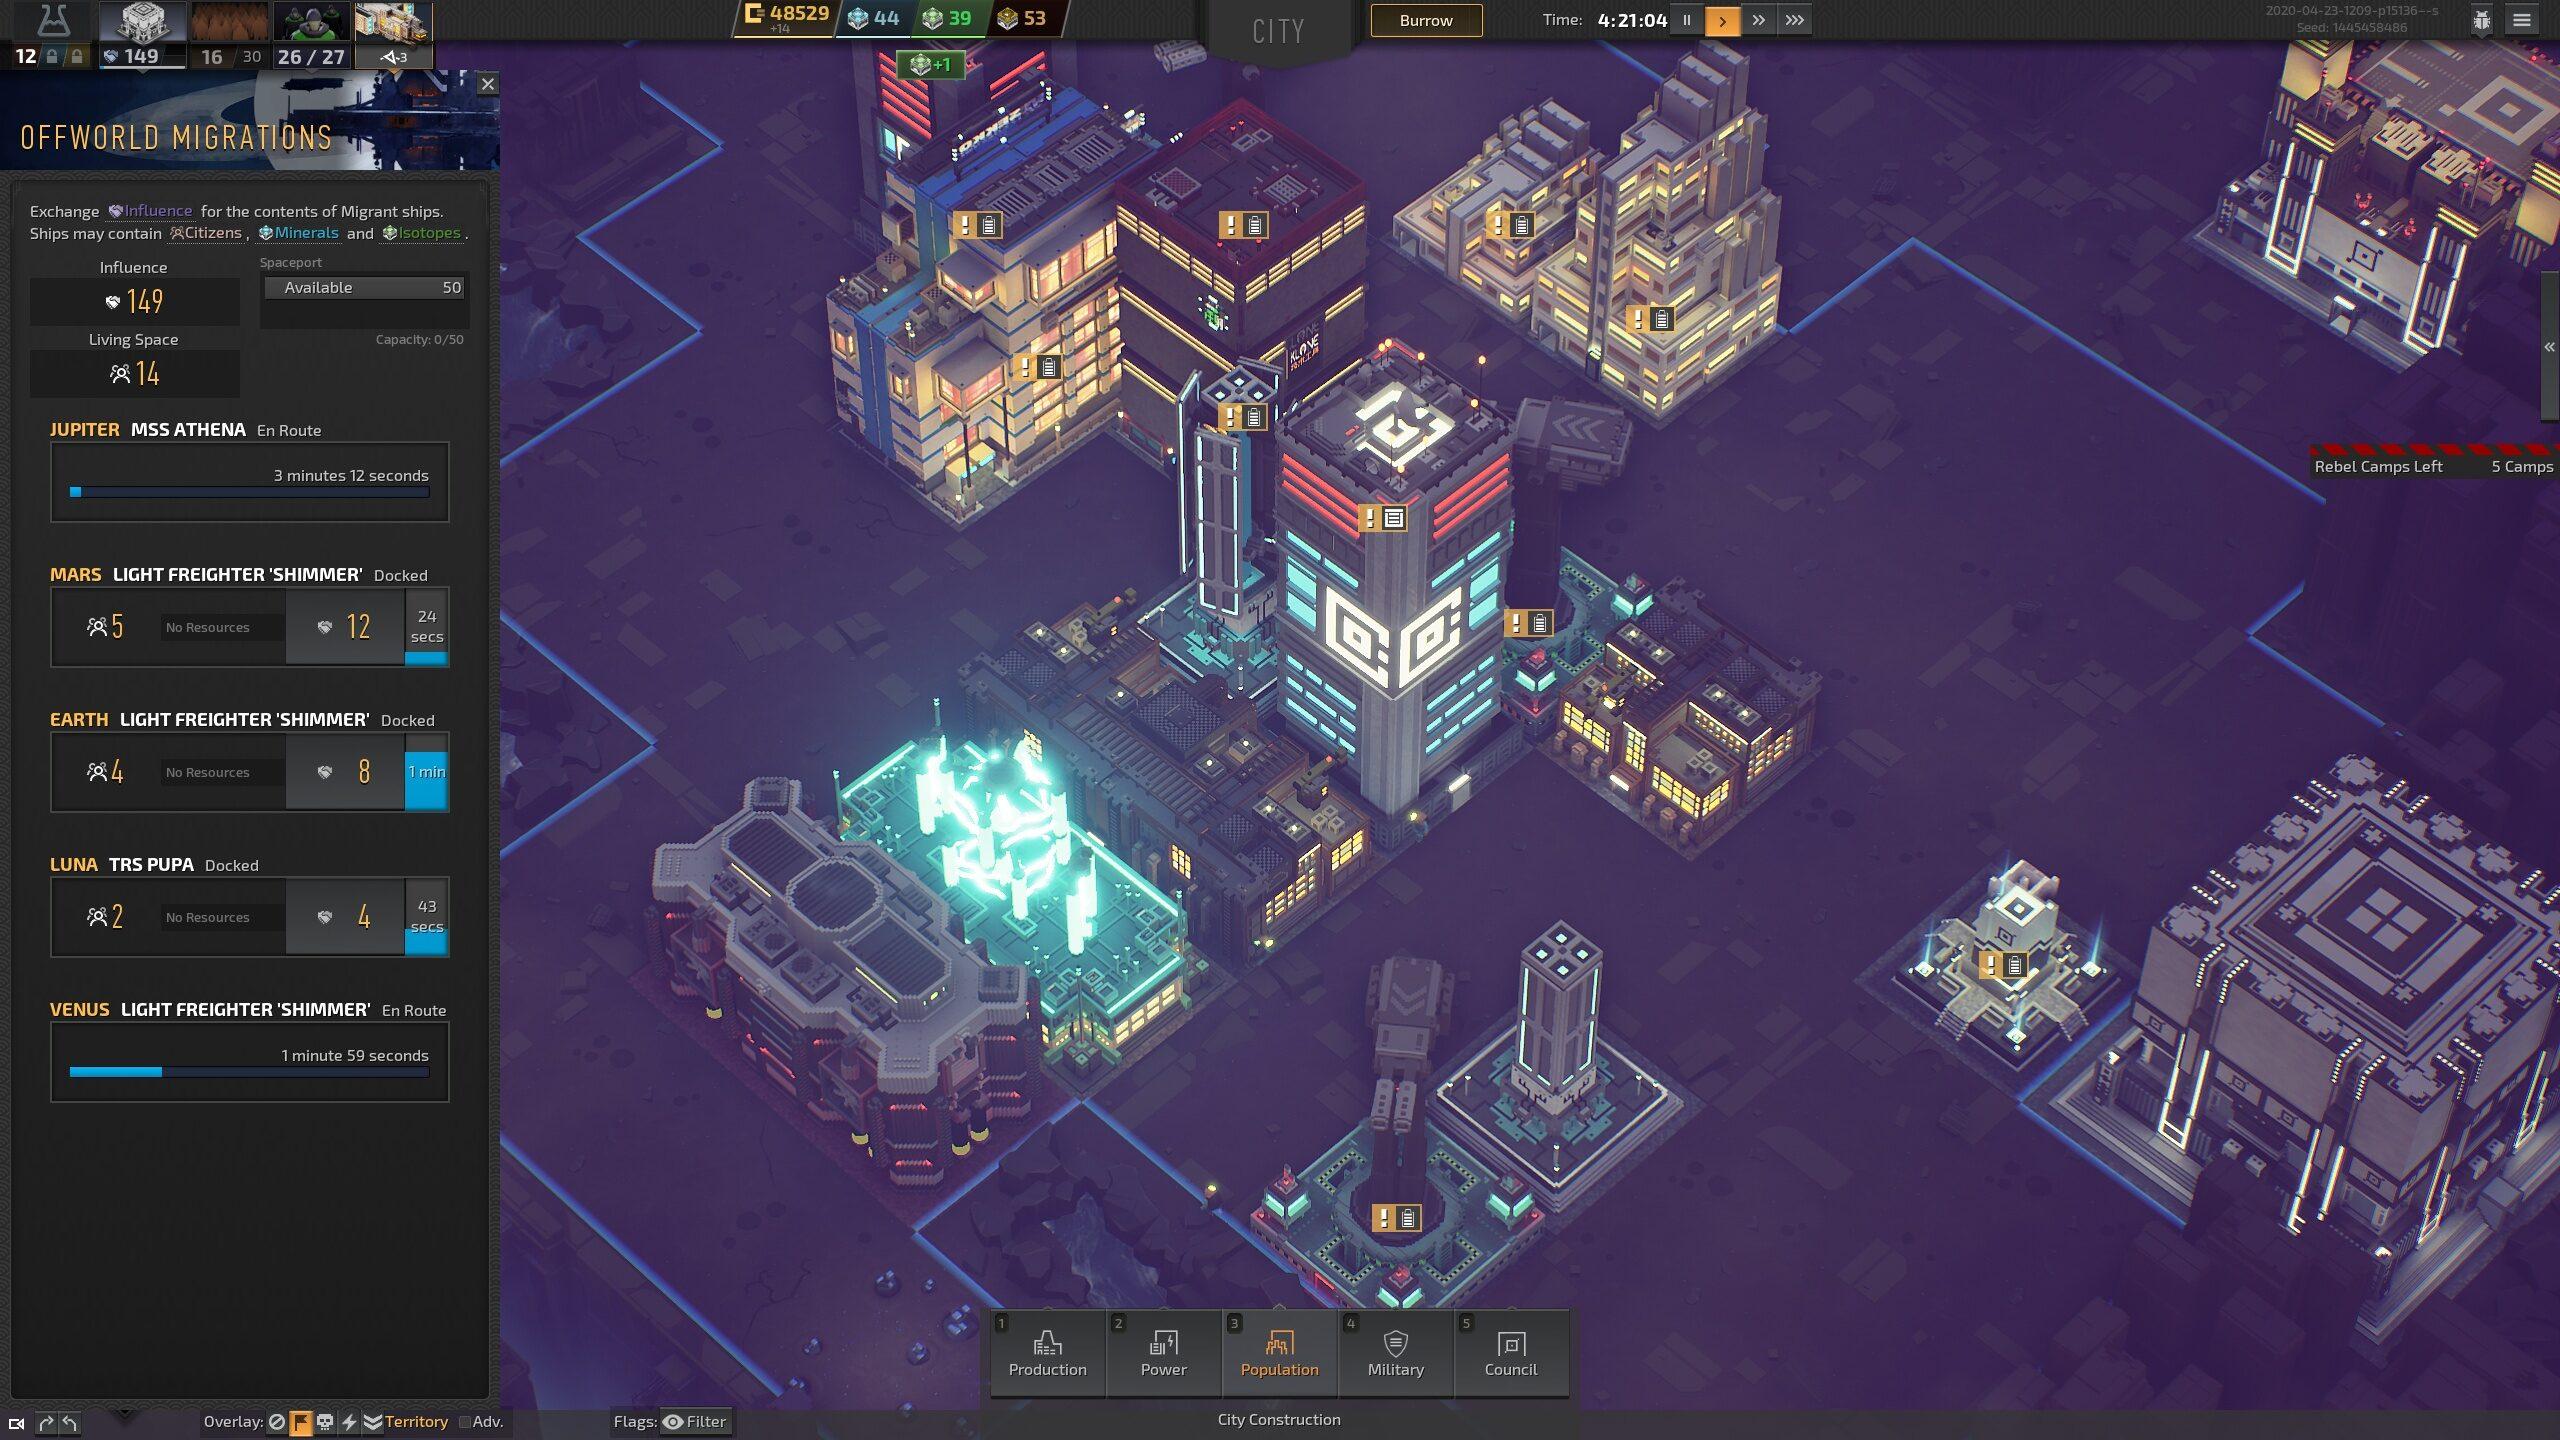 La grande idée du jeu : permettre d'aménager l'intérieur des bâtiments pour spécialiser les usines.